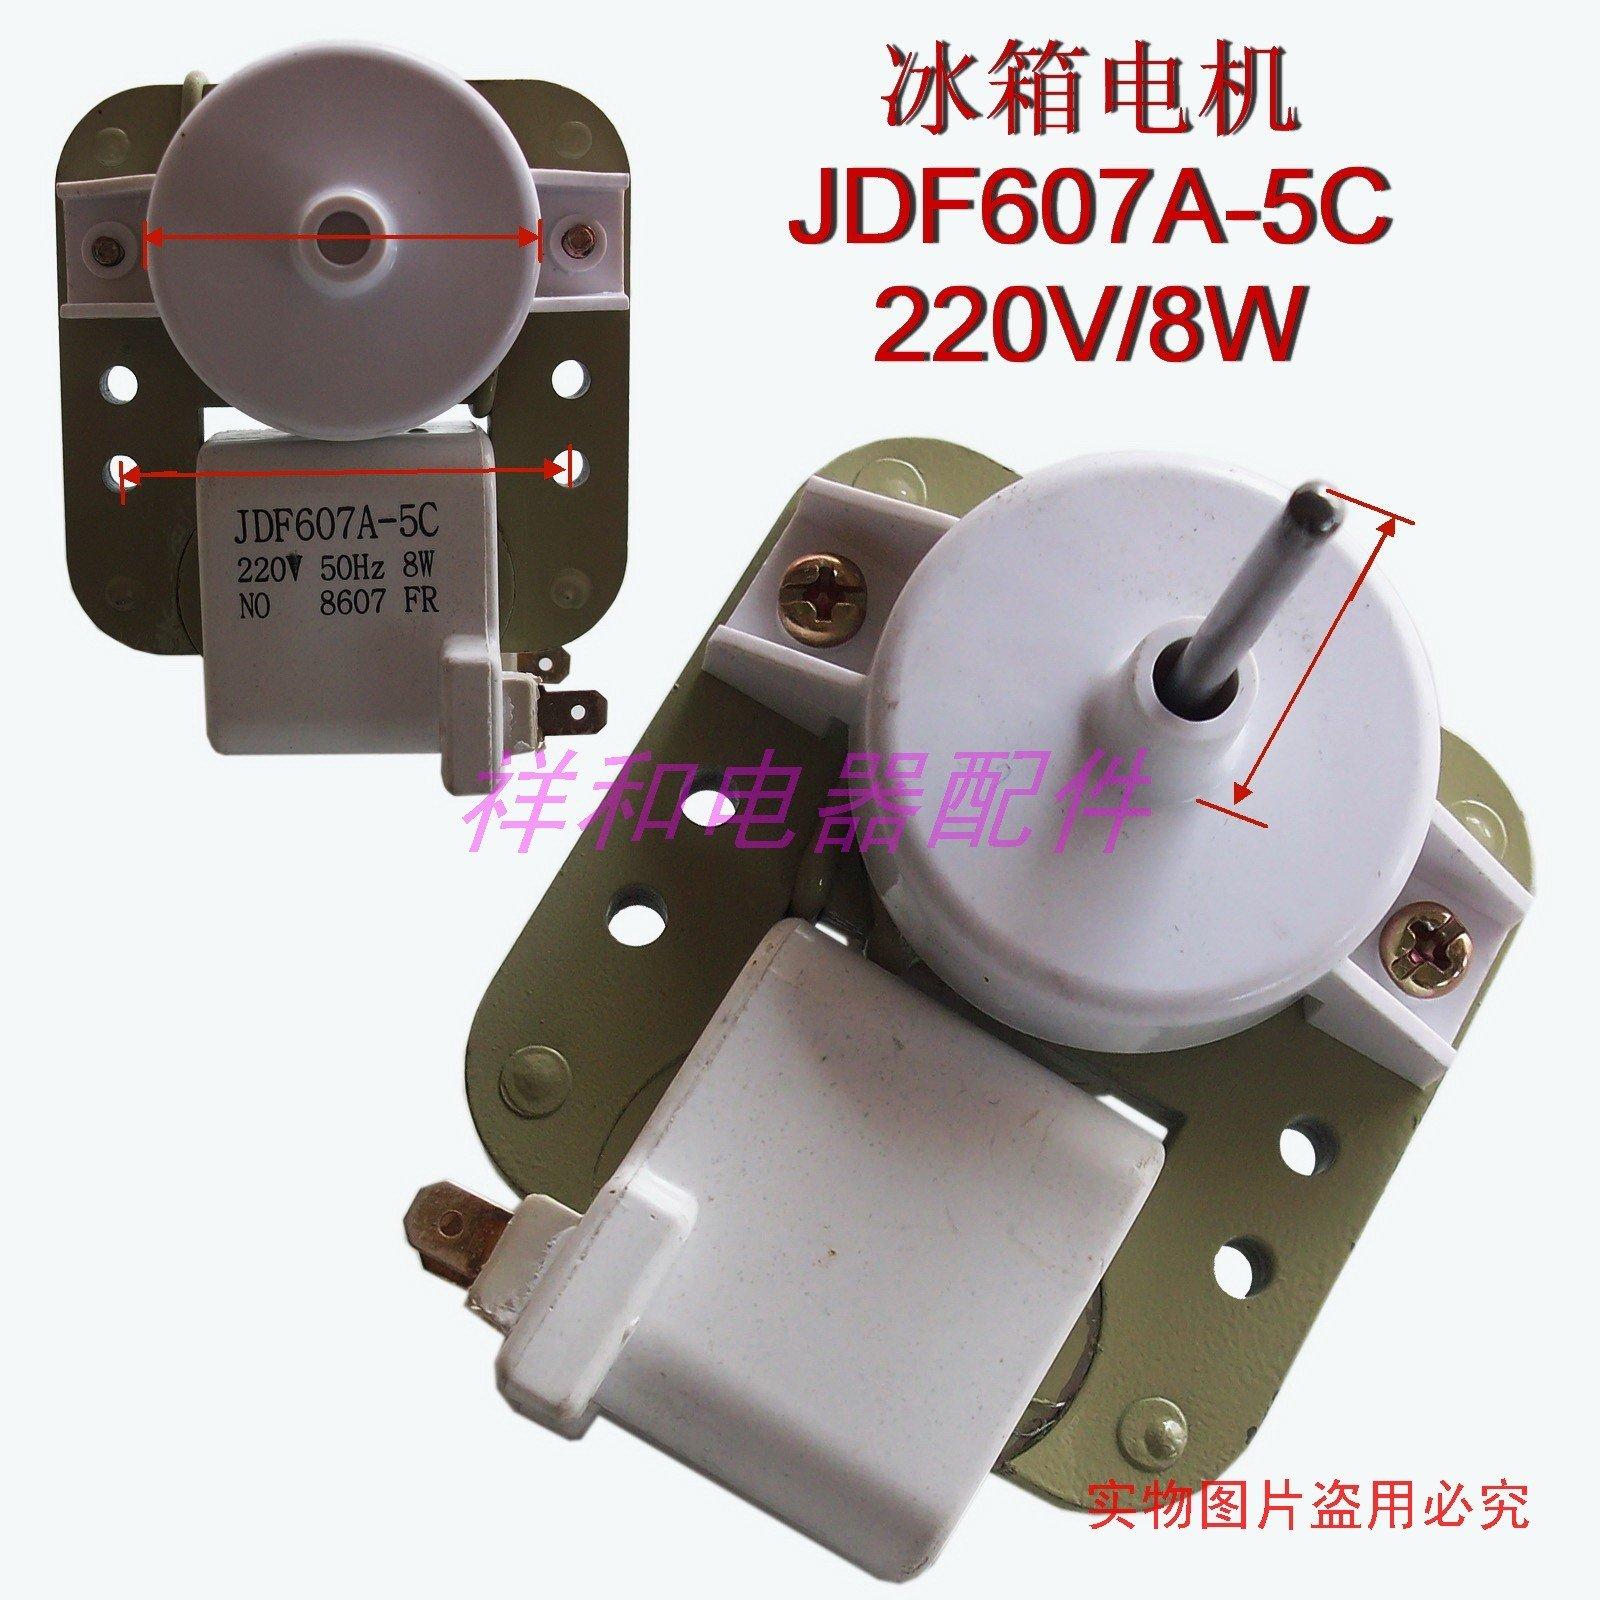 Refrigerator parts super thin refrigerator fan motor refrigerator cooling motor JDF607A-5C for panasonic siemens bosch refrigerator motor fdqt26bs3 12v dc refrigerator parts